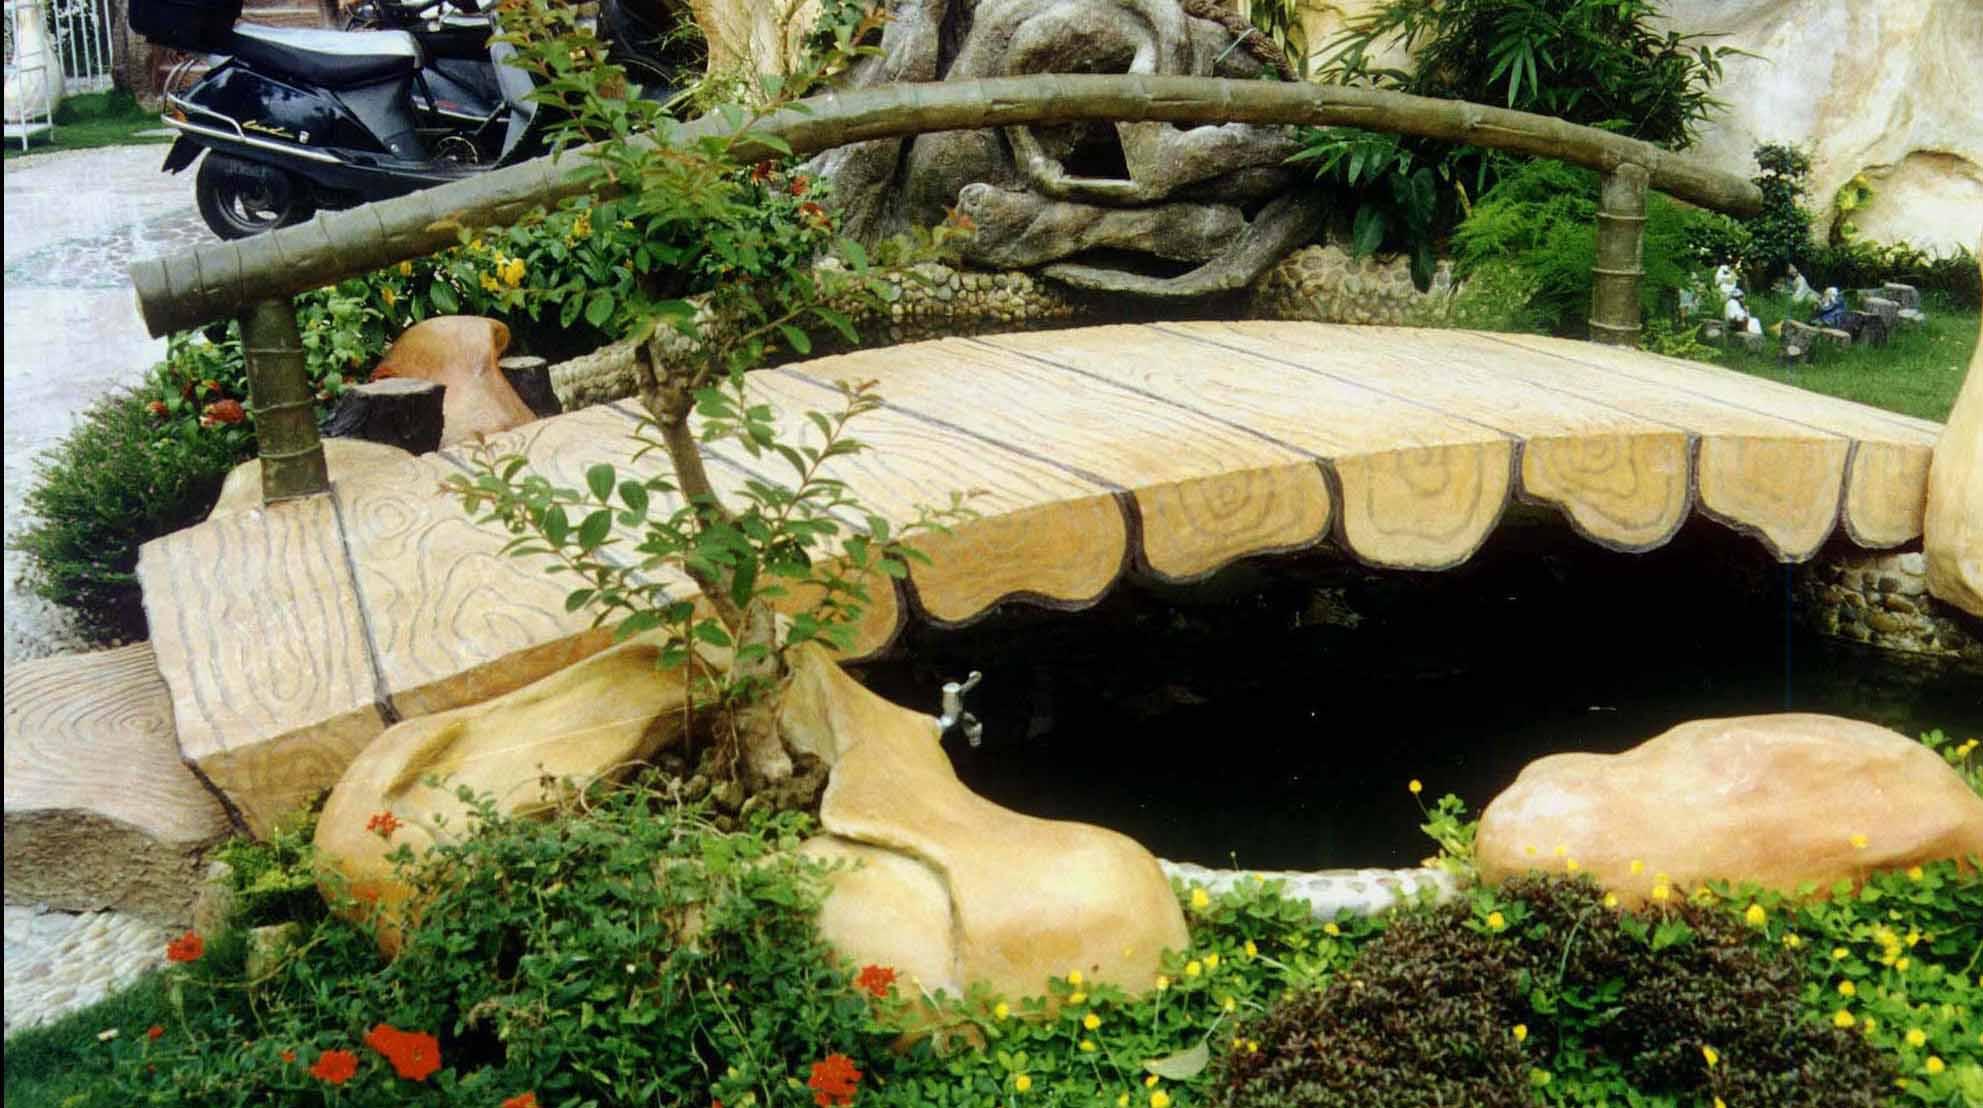 嘉典园艺景观,专业设计及施工私家天台.阳台.庭院的园林工程